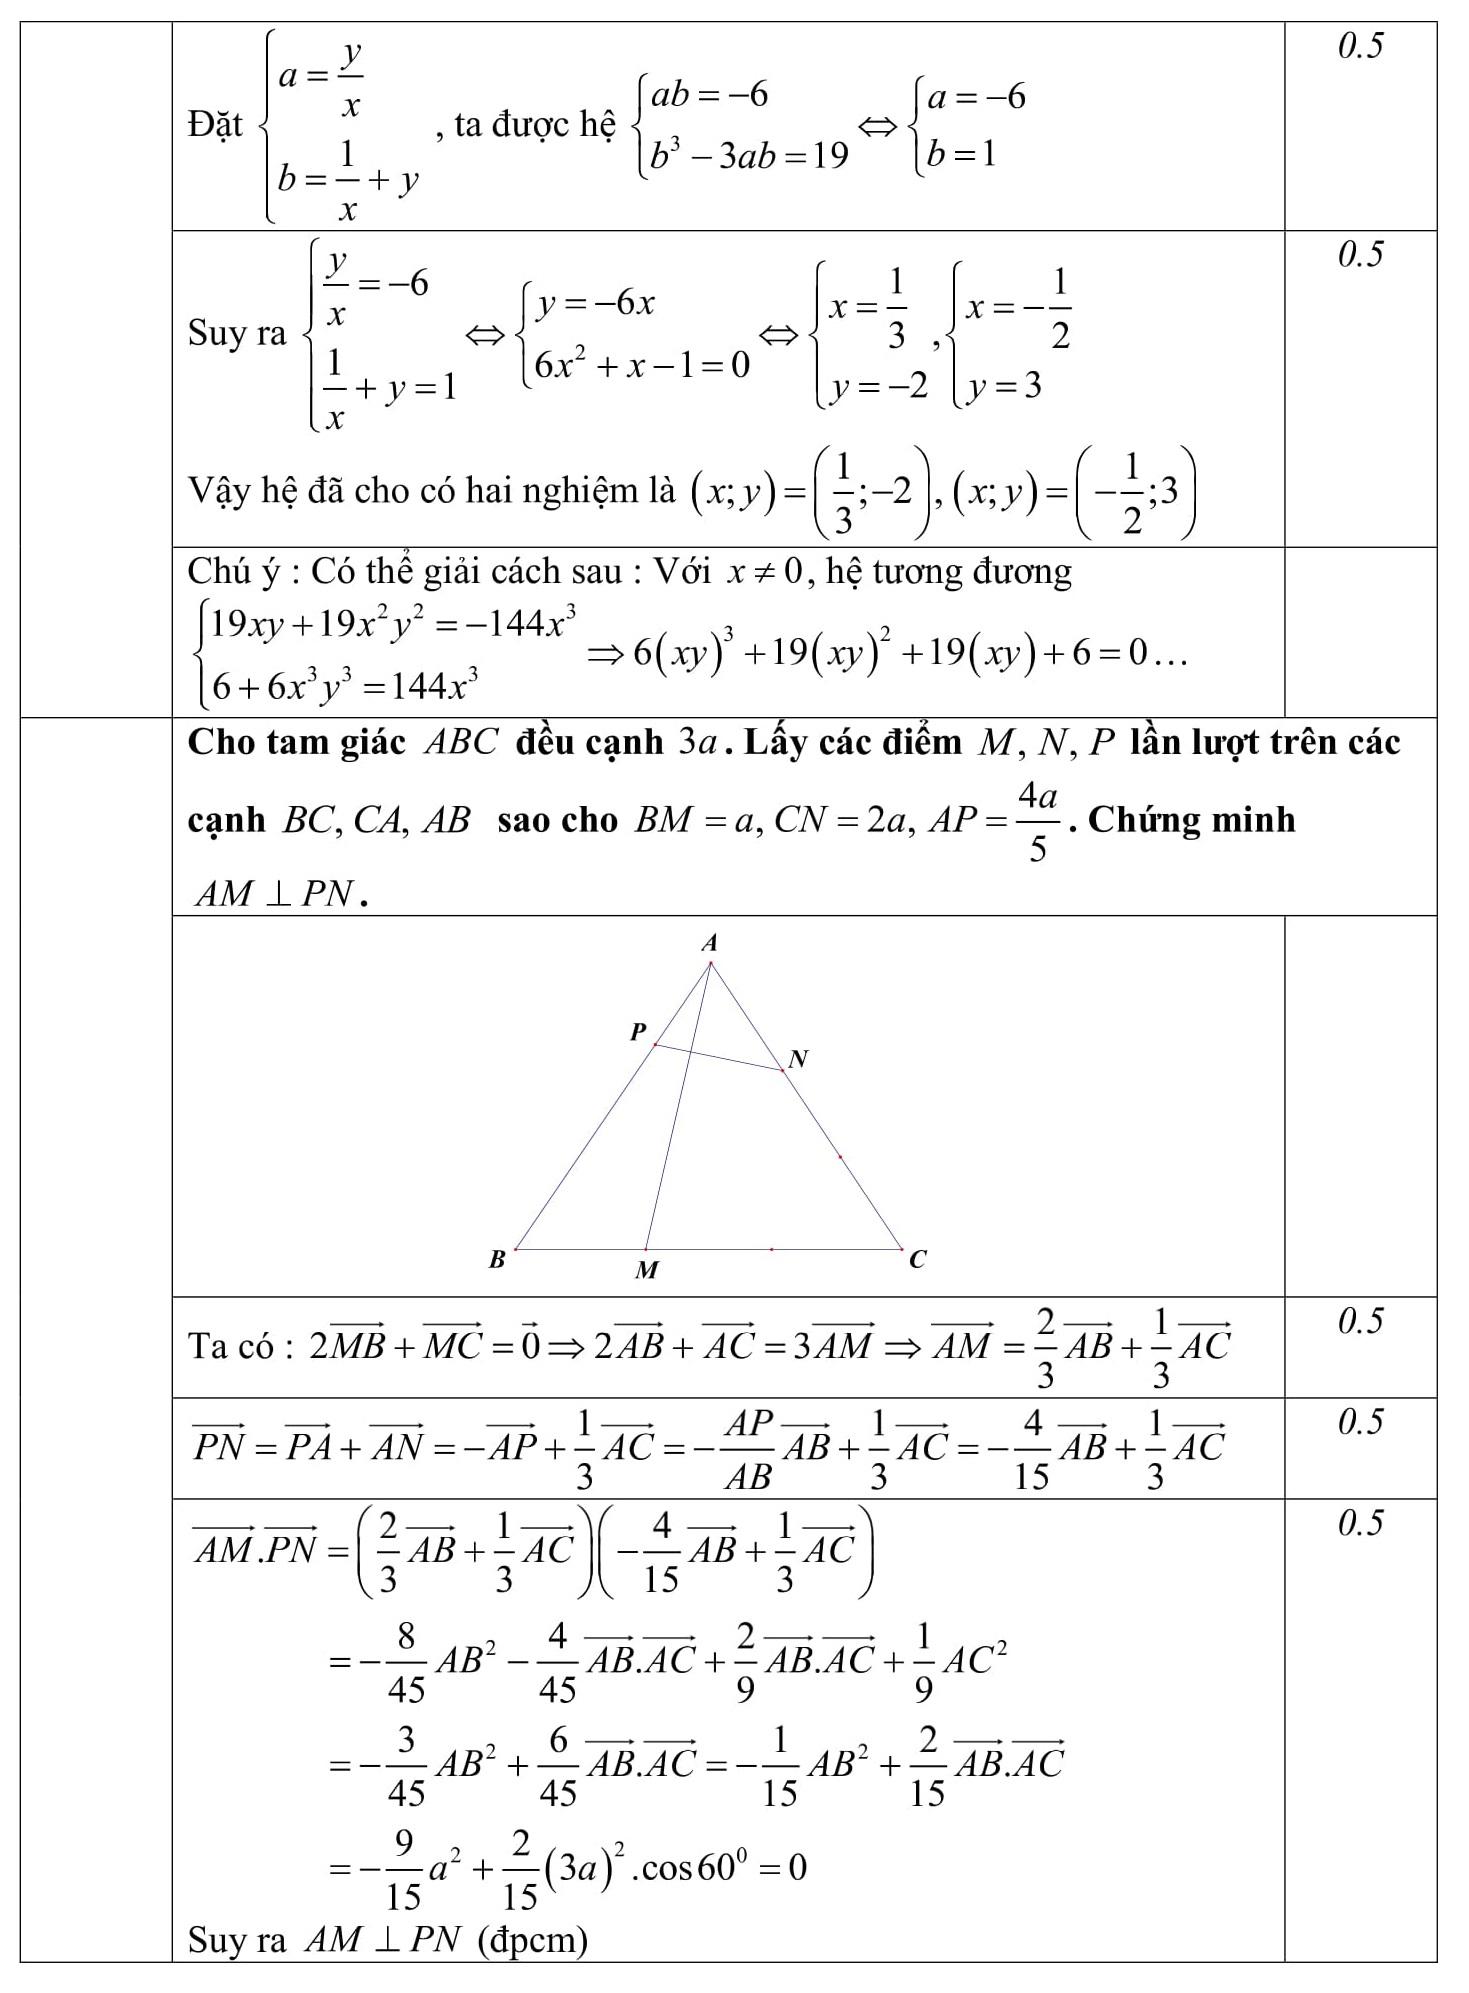 Đáp án và đề thi HSG toán 10 phòng GD&ĐT Vĩnh Phúc 2015-2016